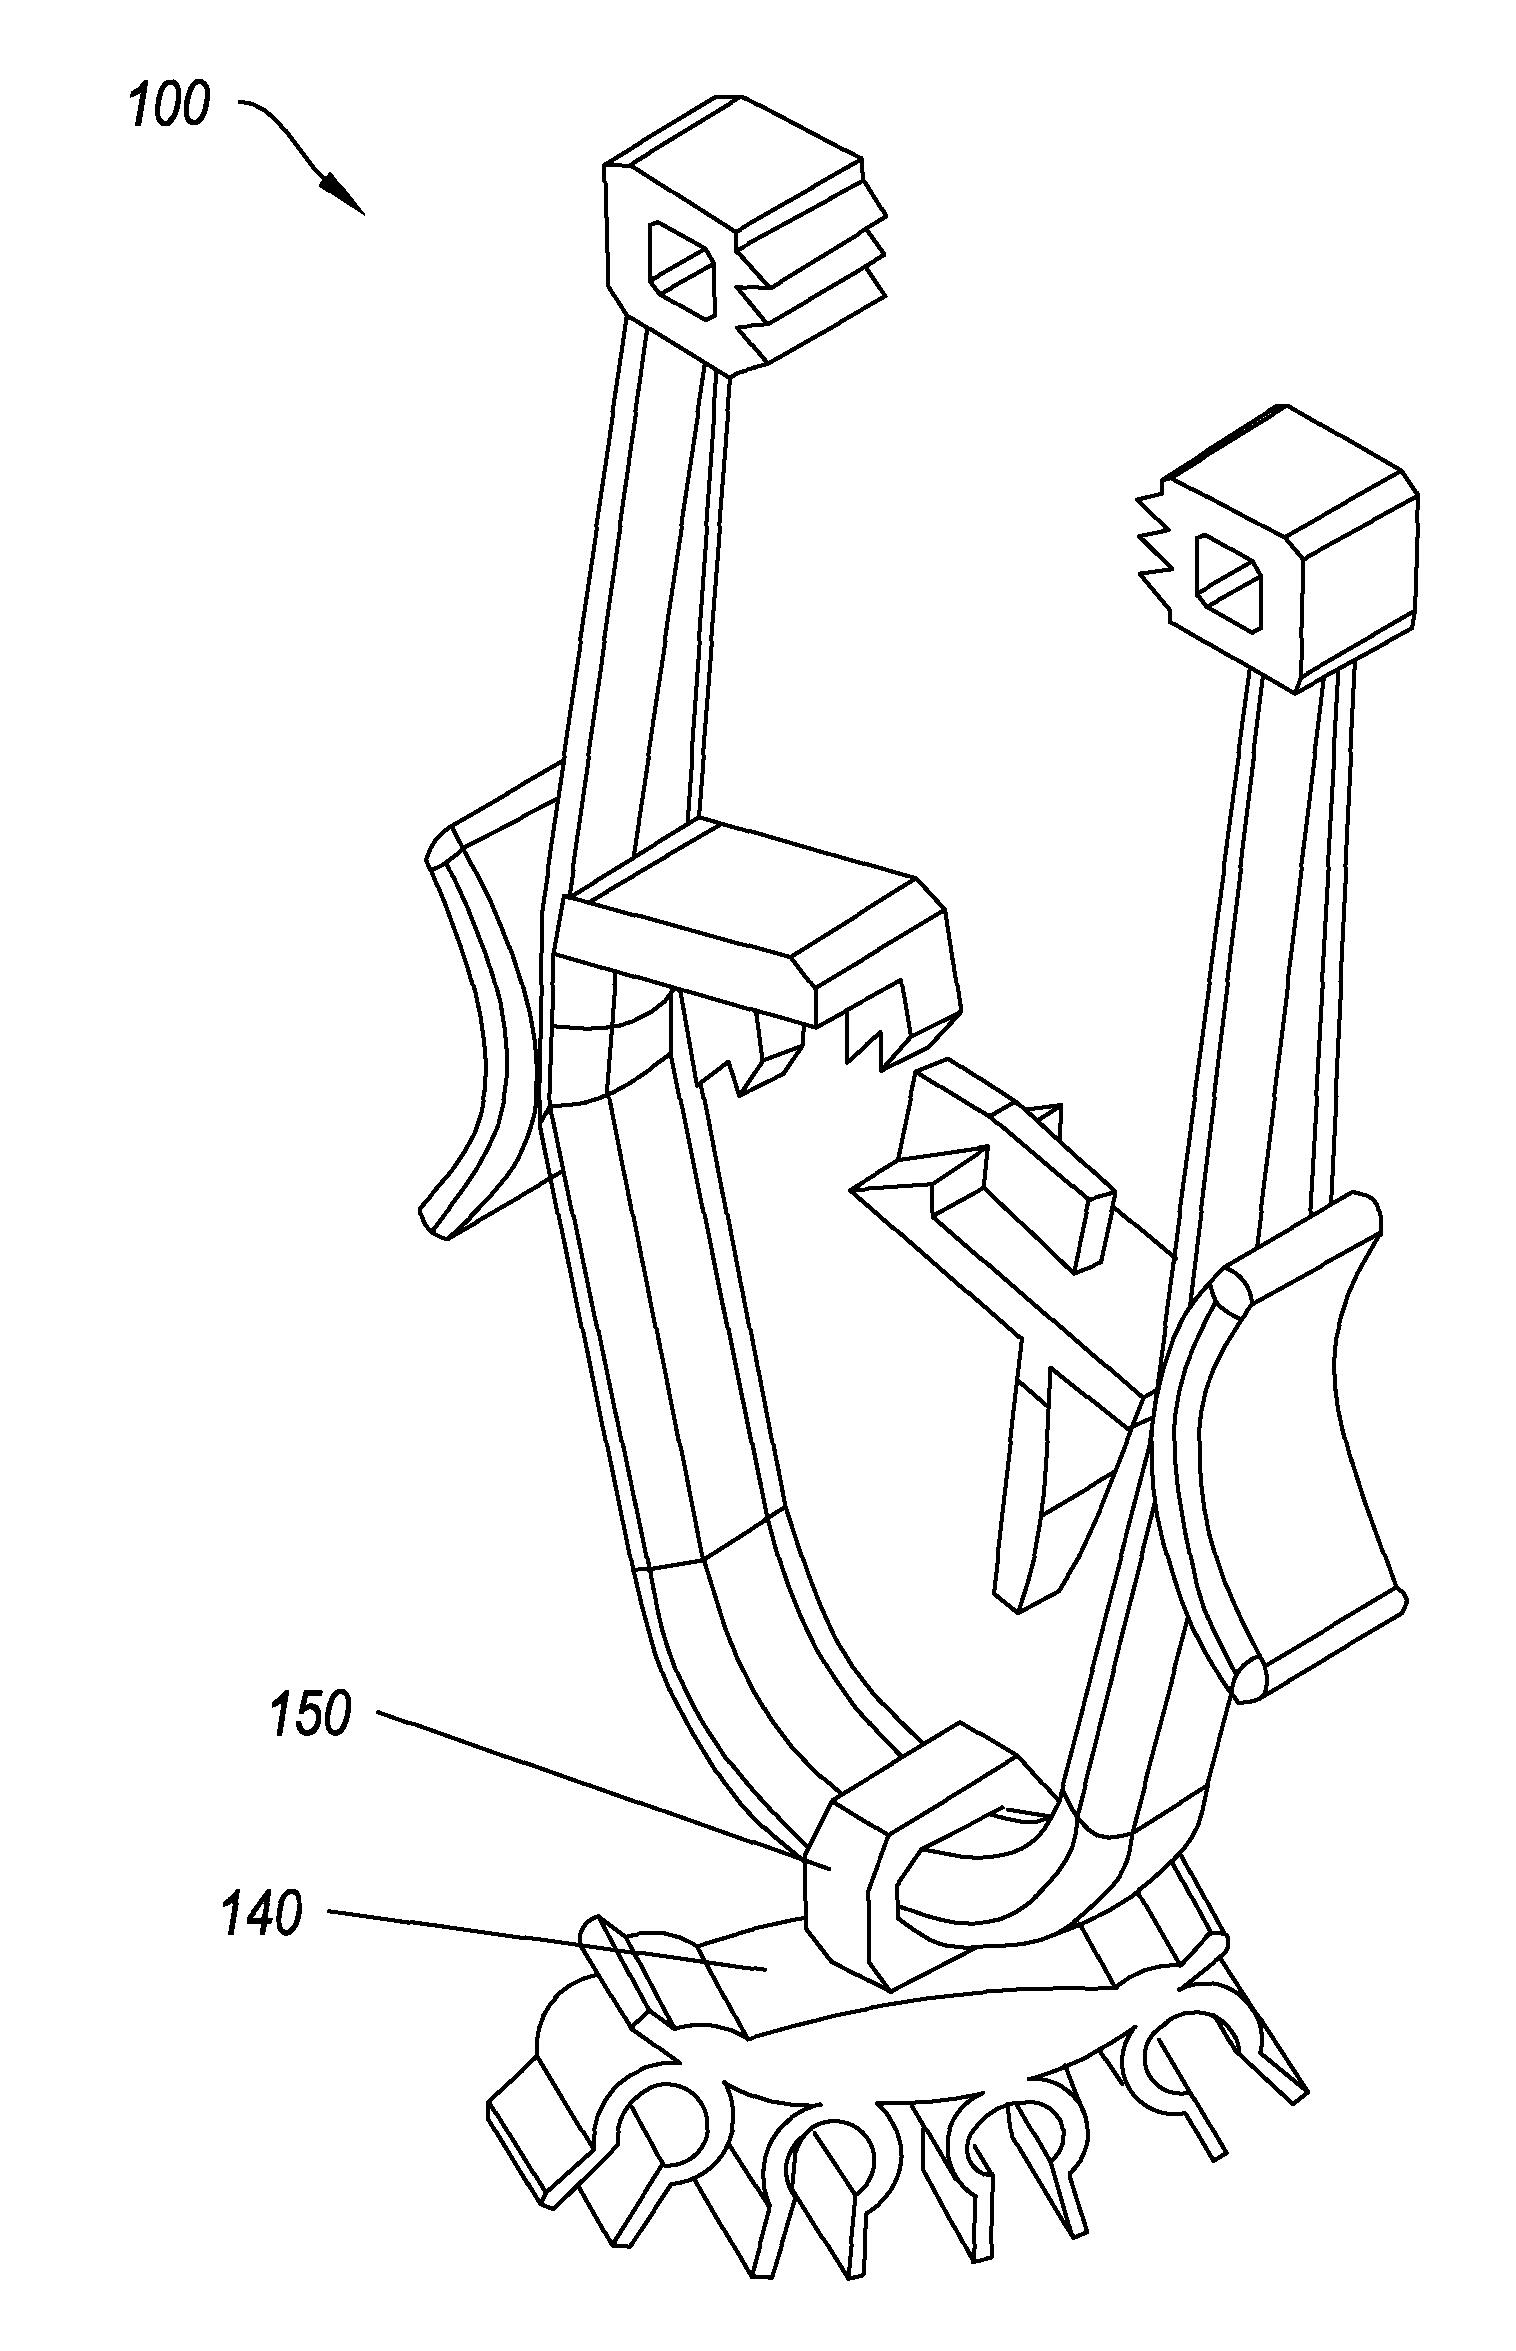 12 Lead Motor Deltum Run Wiring Diagram